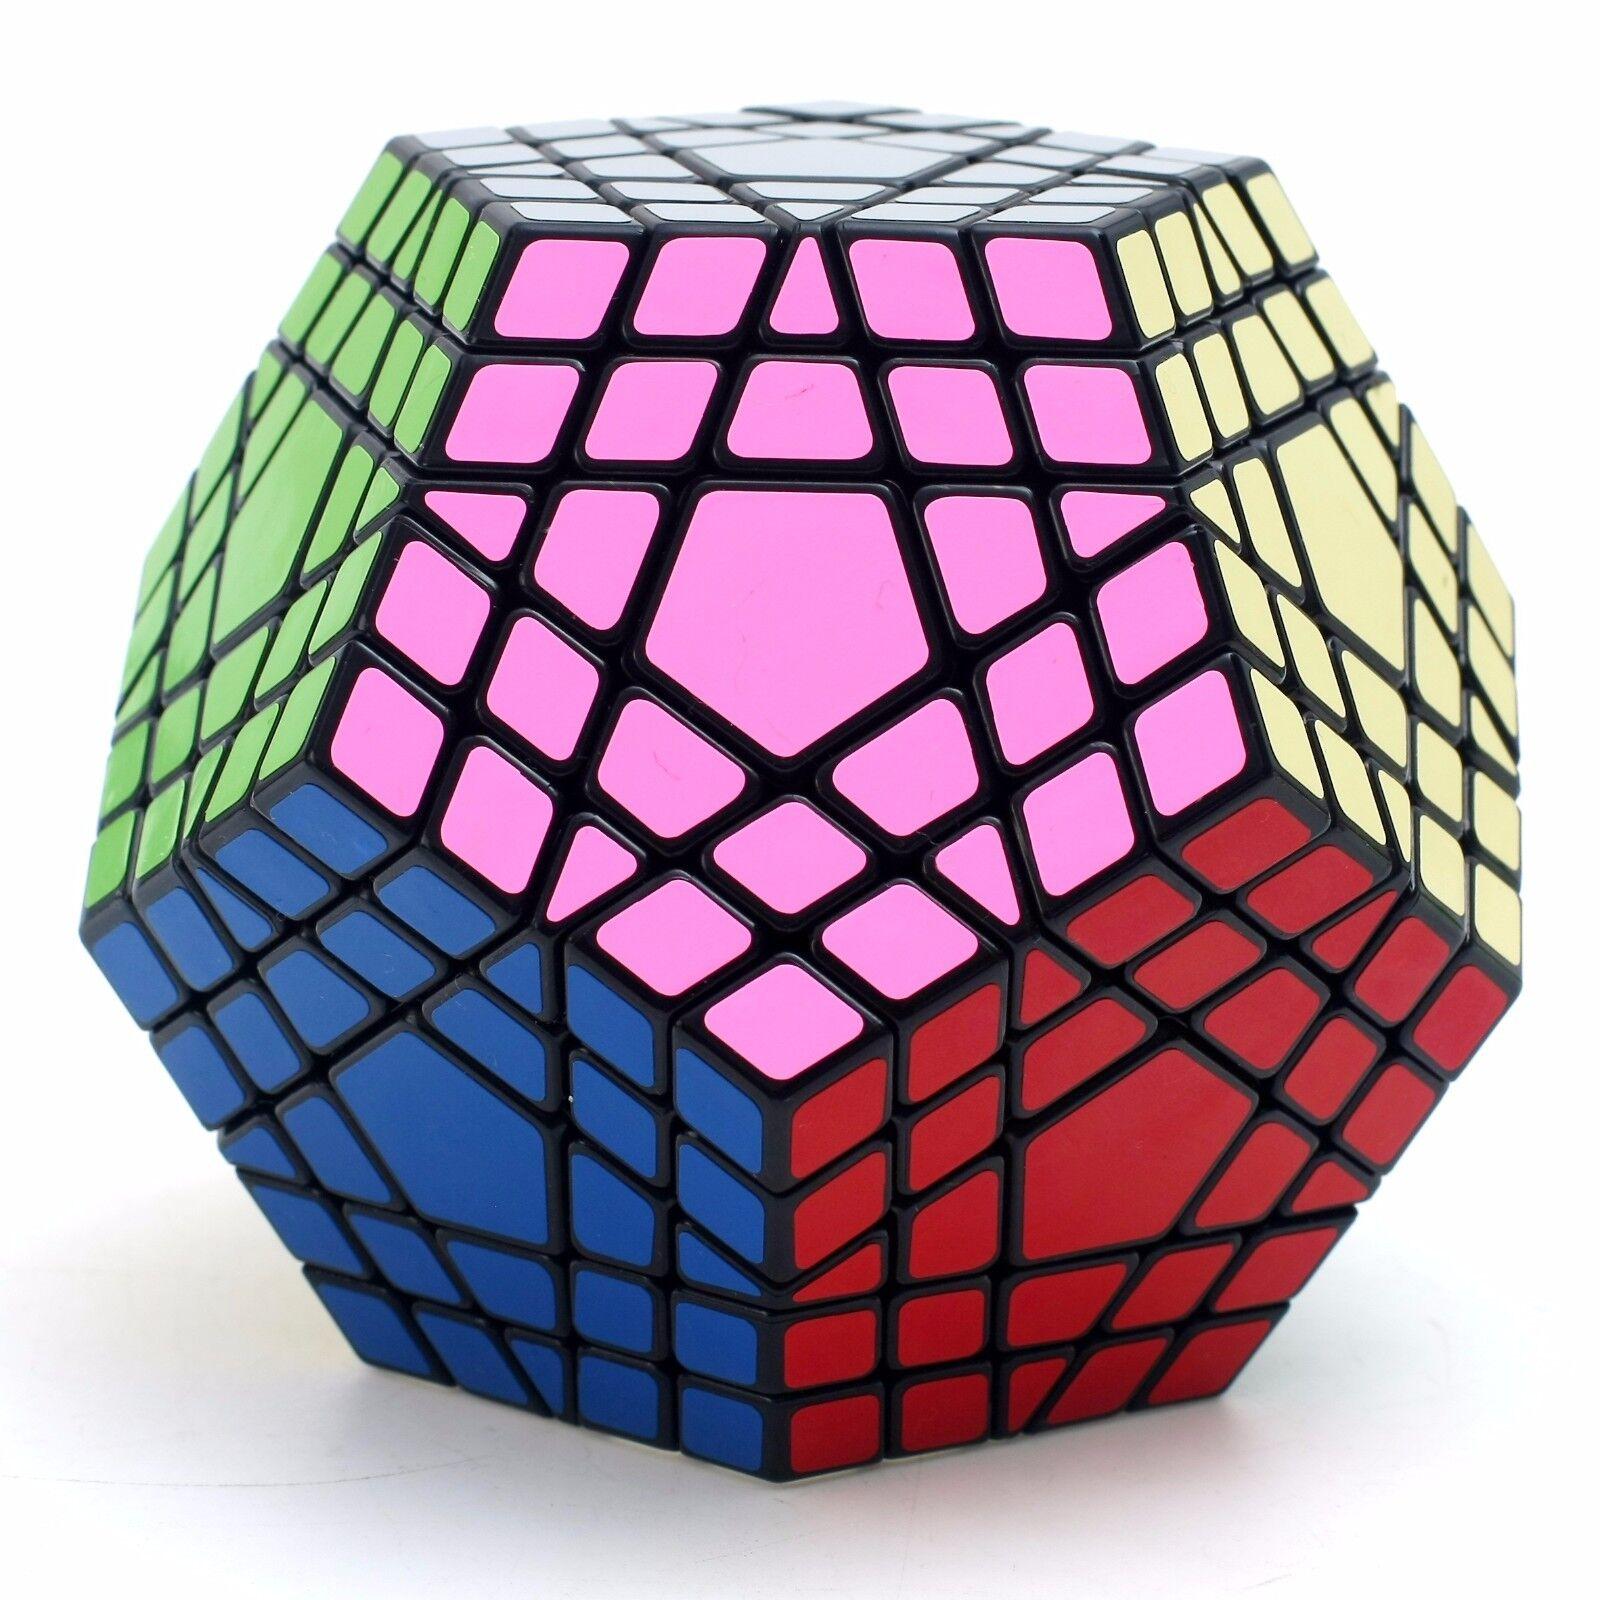 кубики рубика похожие как мегаминкс картинки и их названия предлагают самые разнообразные